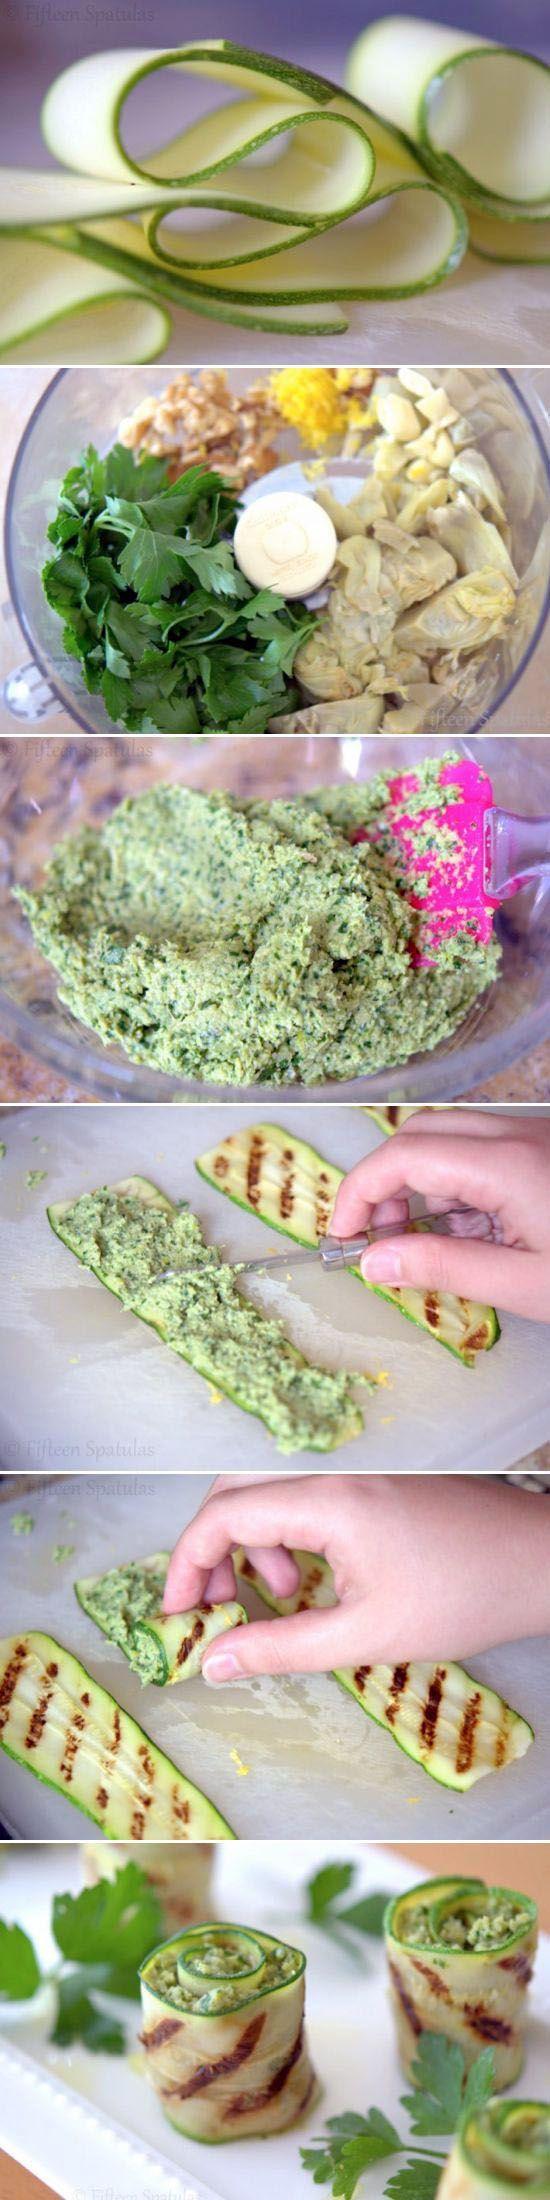 Rollitos de calabacines a la parrilla rellenos de una pasta hecha de alcachofa, perejil, ajo, atun y millo